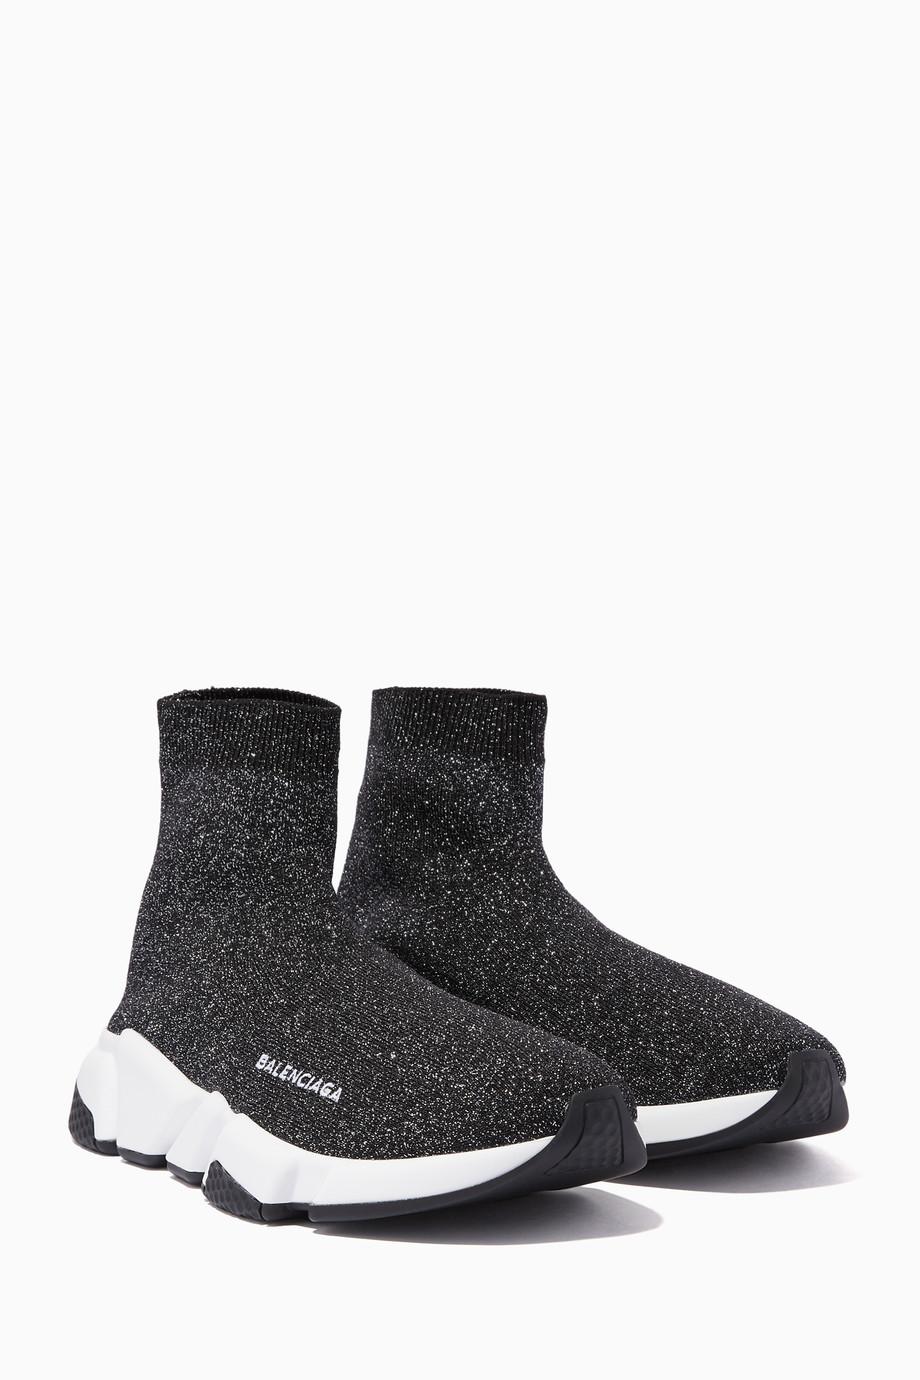 e91863a9da5c Shop Balenciaga Black Black Lurex Speed High-Top Sneakers for Women ...